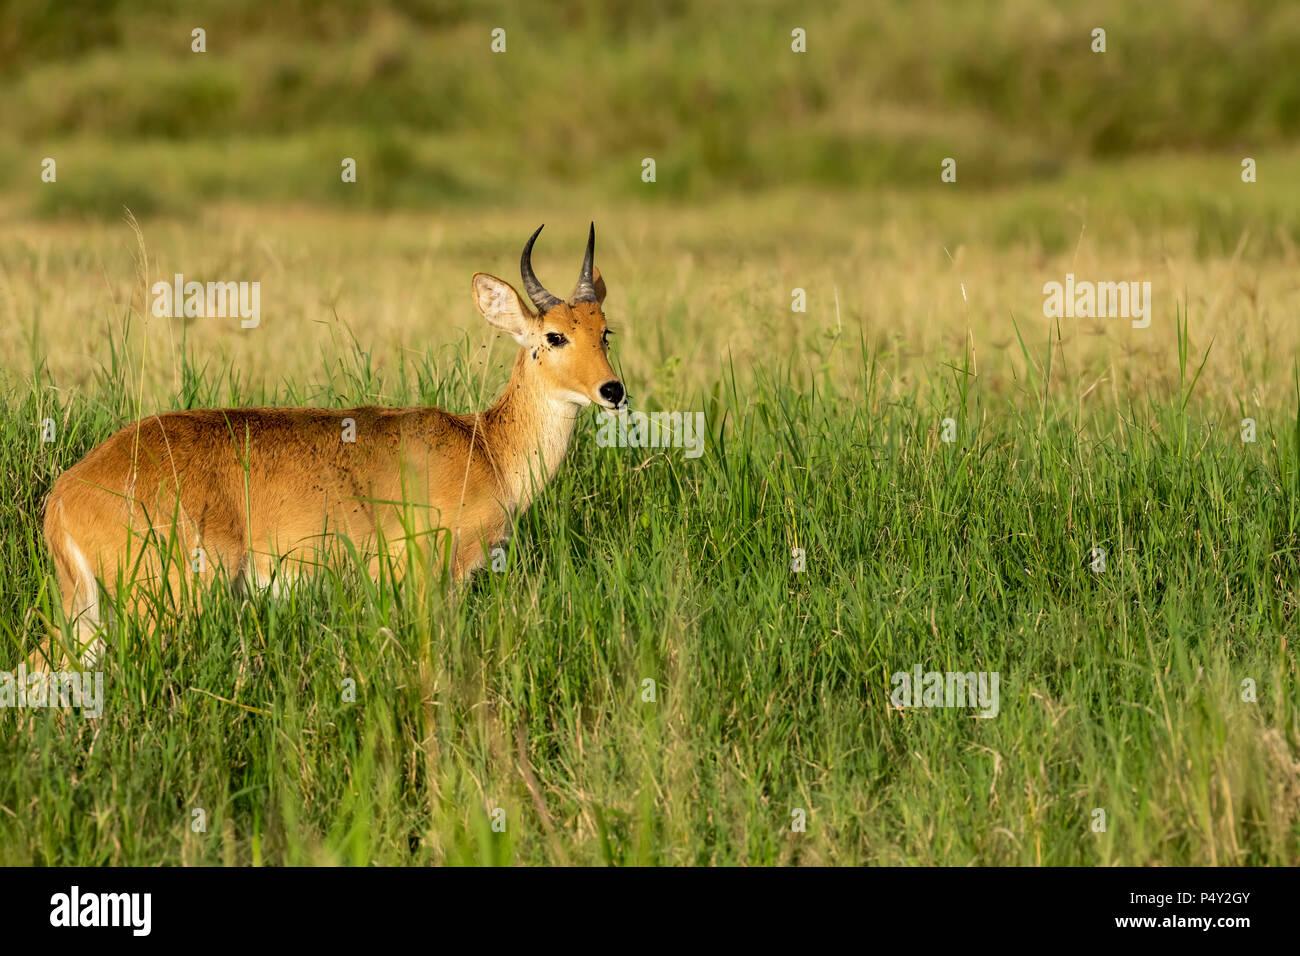 Comune (Reedbuck Redunca arundinum) alimentazione sulla savana nel Parco Nazionale del Serengeti, Tanzania Immagini Stock